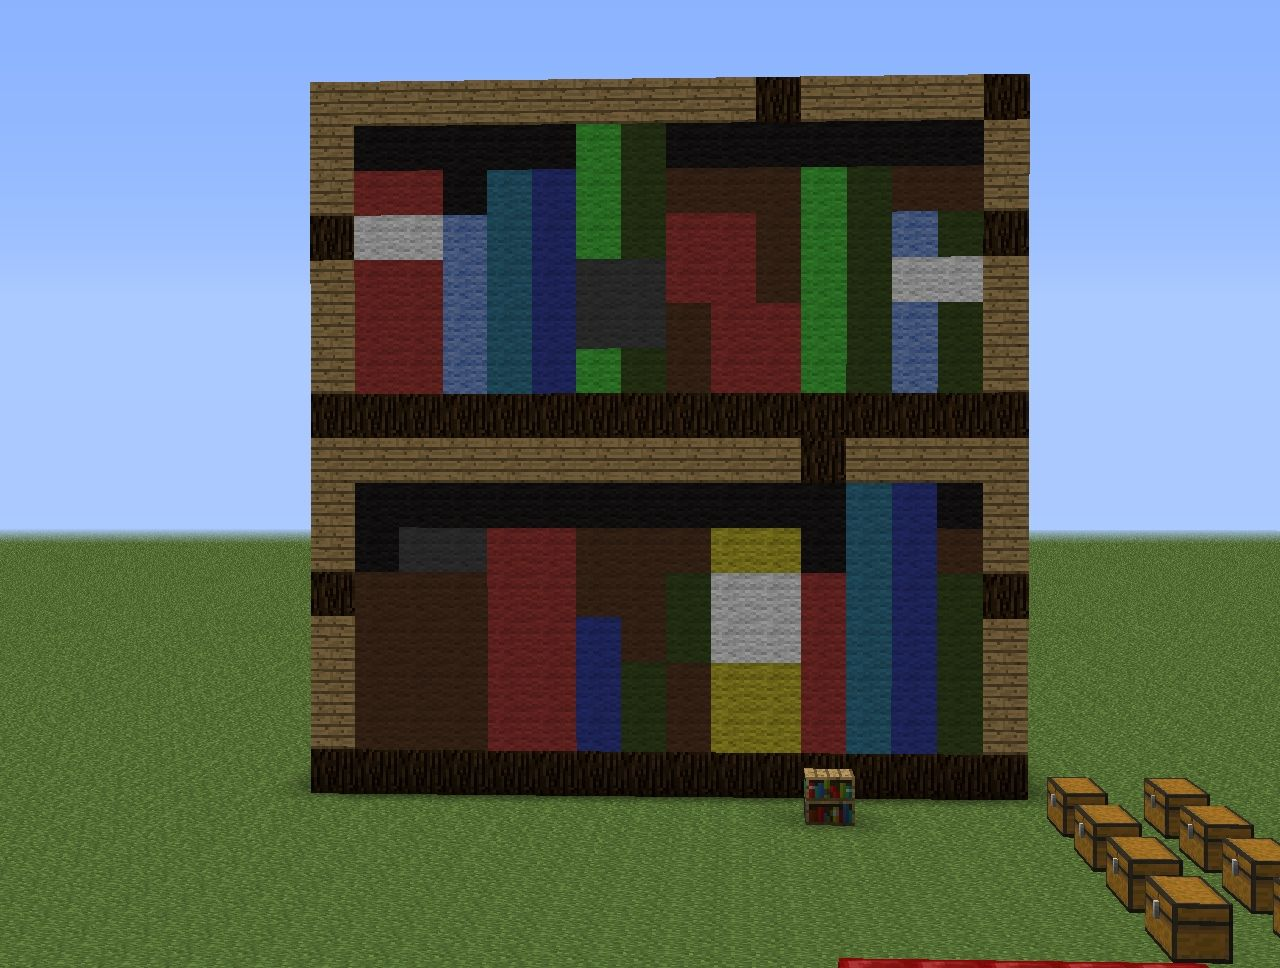 Giant Block Pixel Art